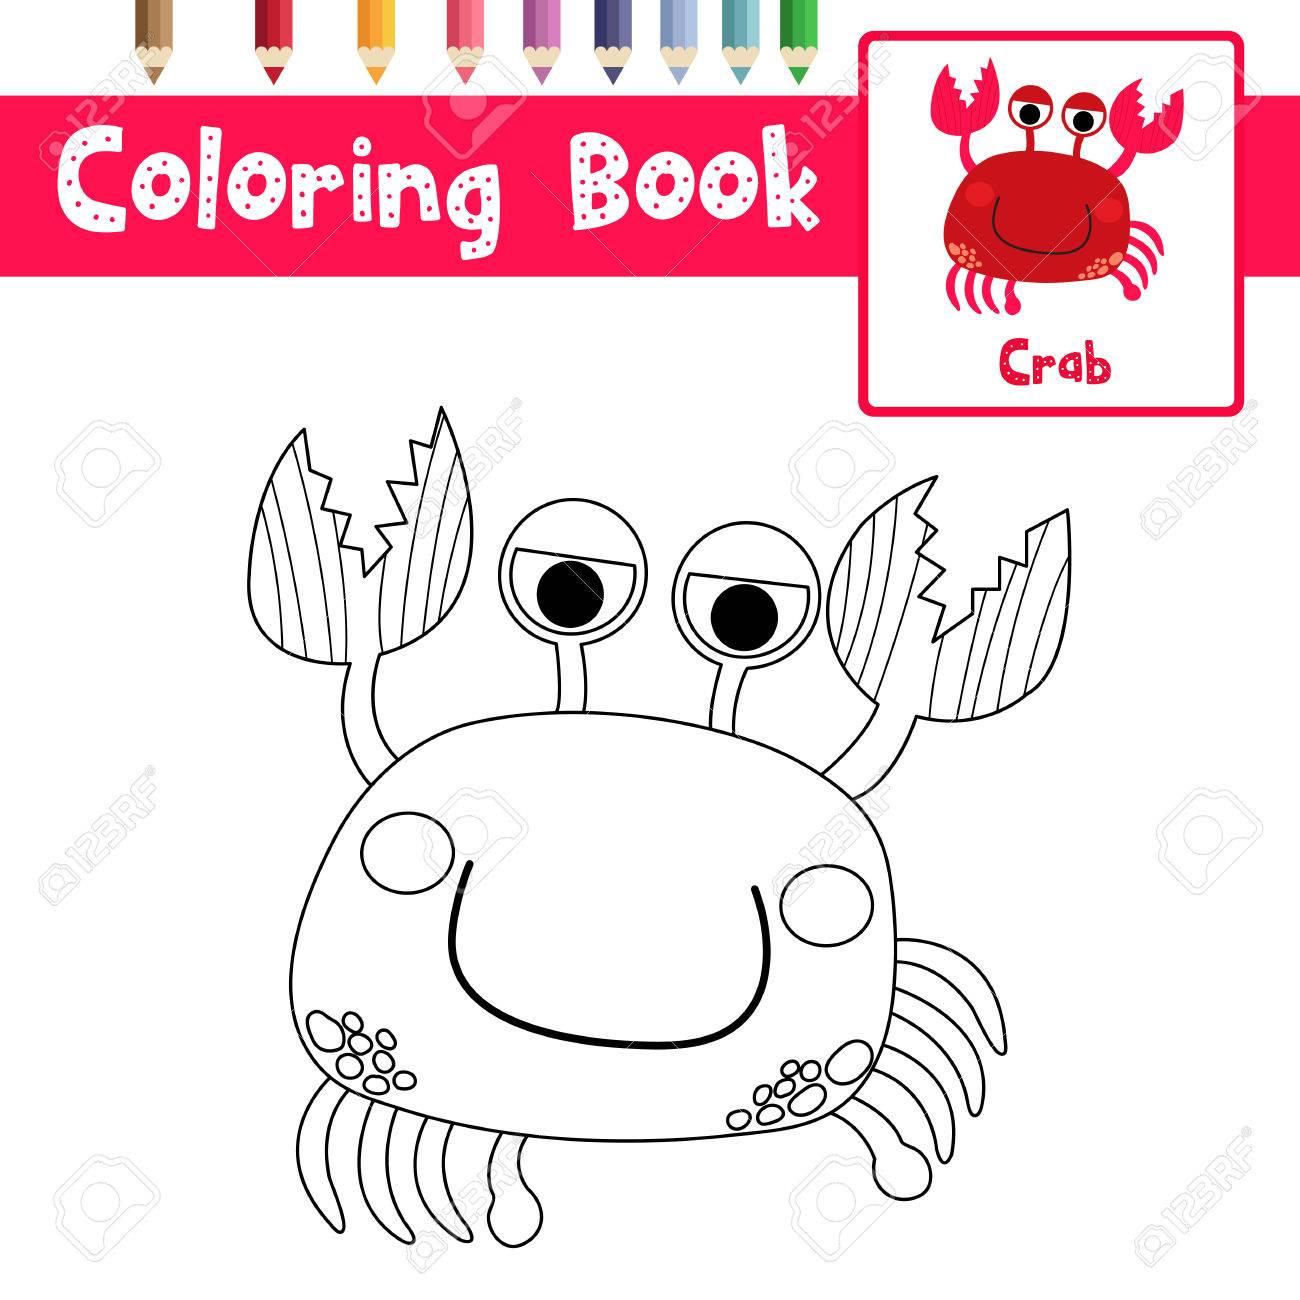 Malvorlage Von Roten Krabben-Tieren Für Vorschulkinder-Aktivitäts ...